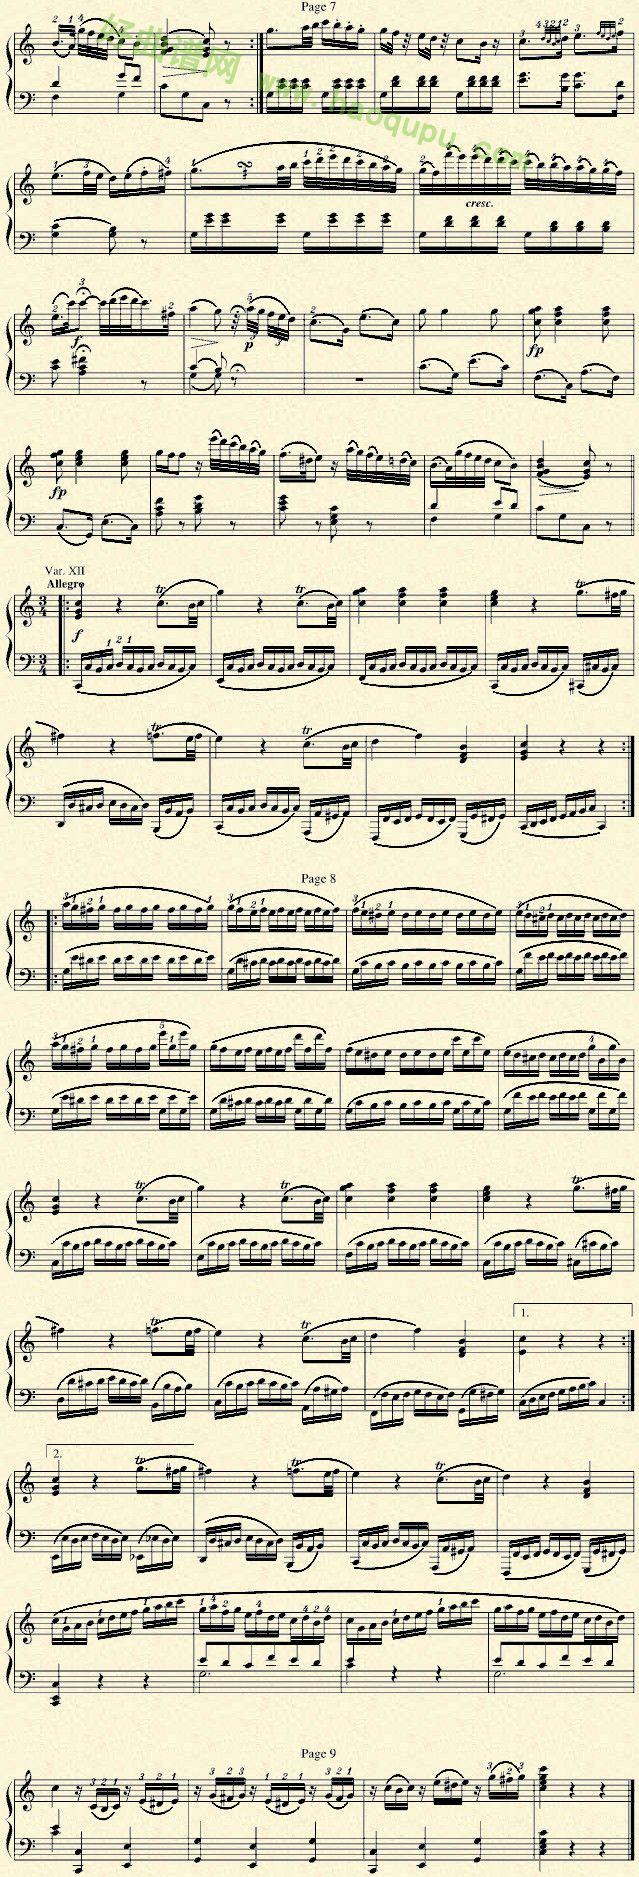 《小星星变奏曲》 - 钢琴谱图片